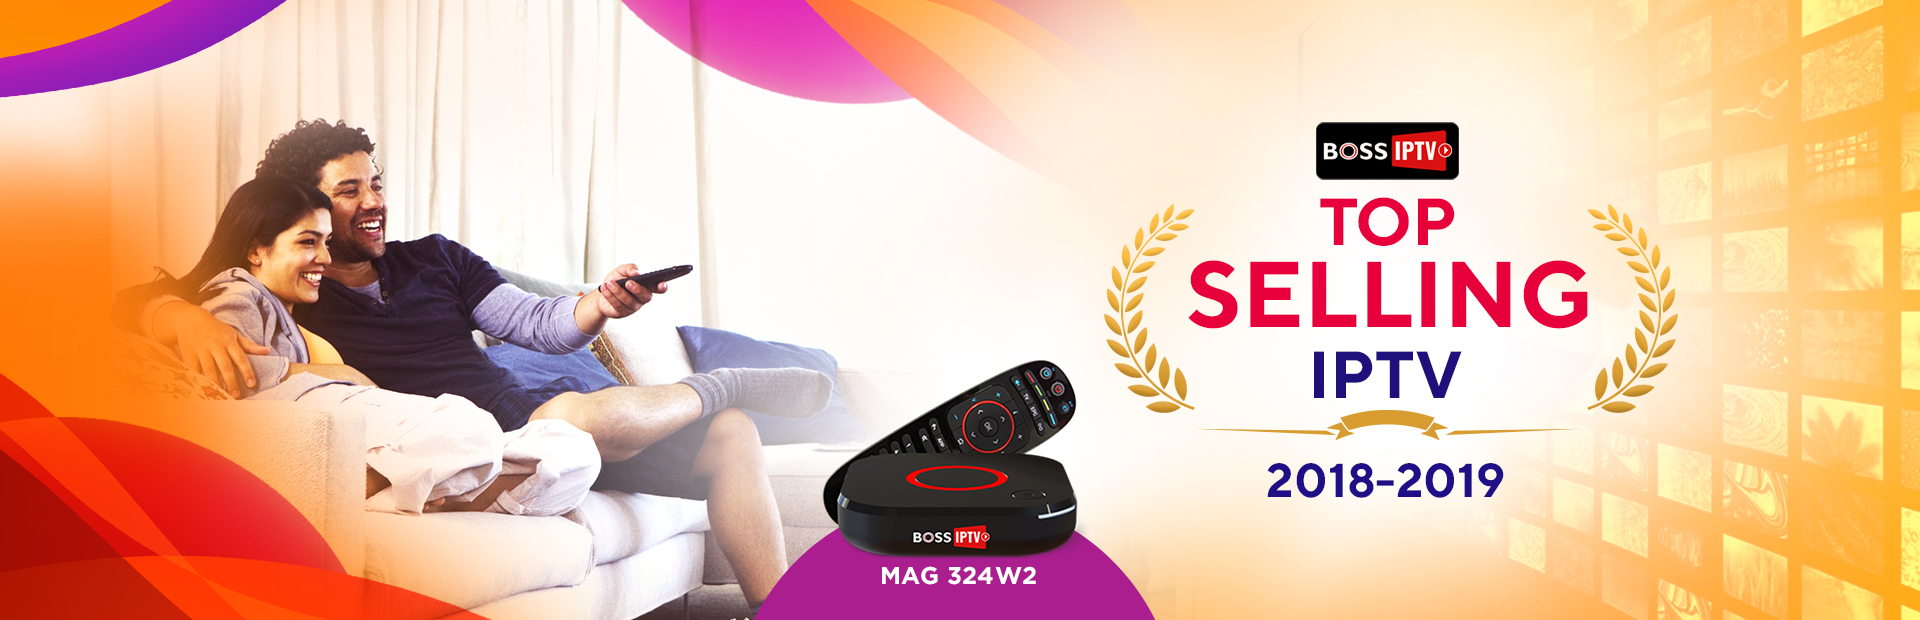 Top Selling IPTV